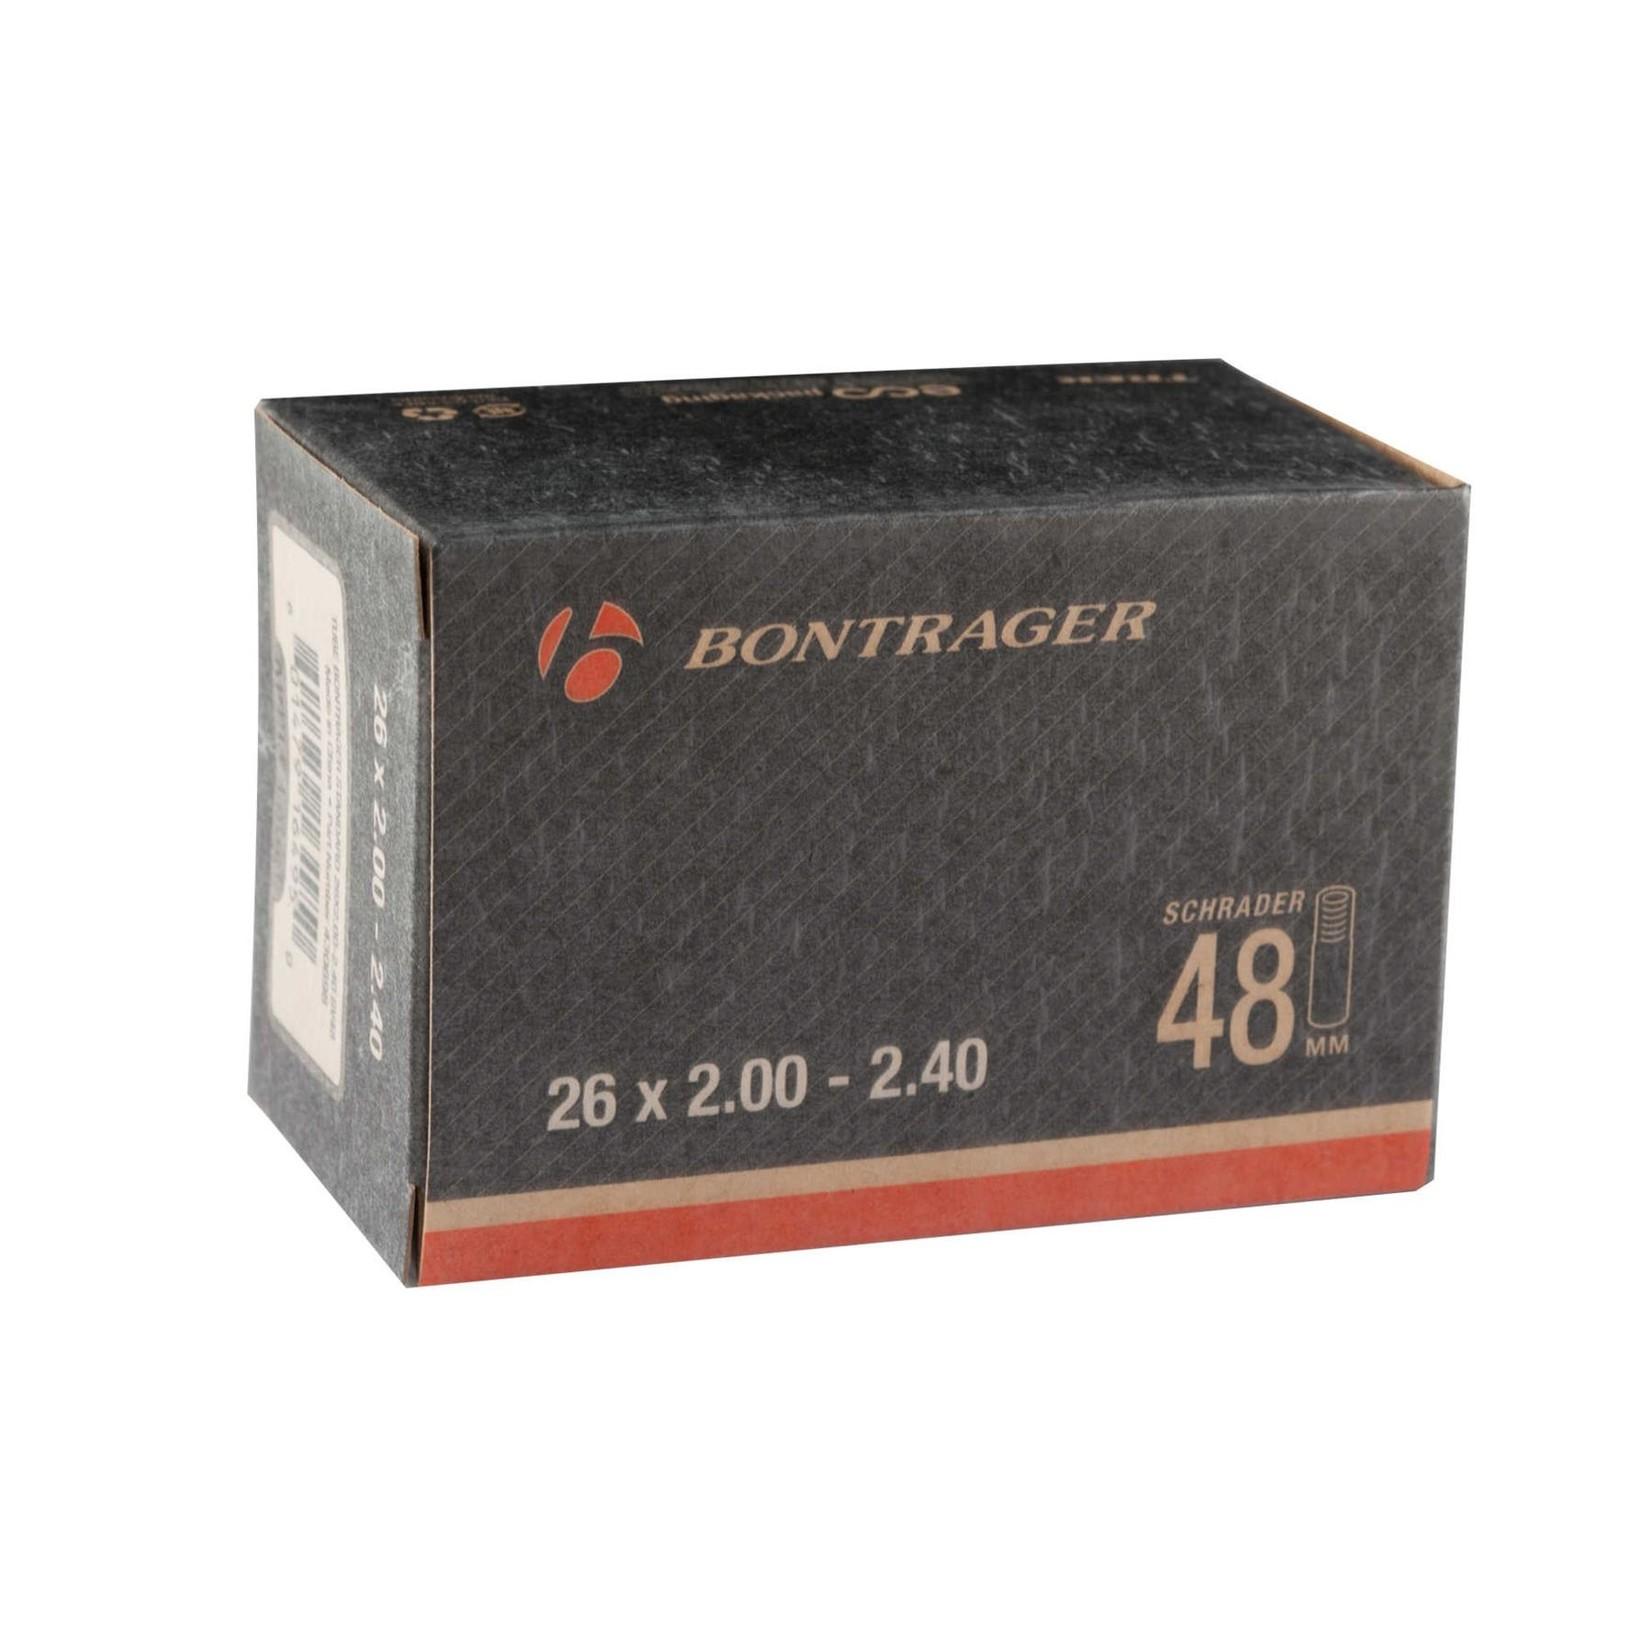 Bontrager 'Inner tube MTB 48 mm valve'